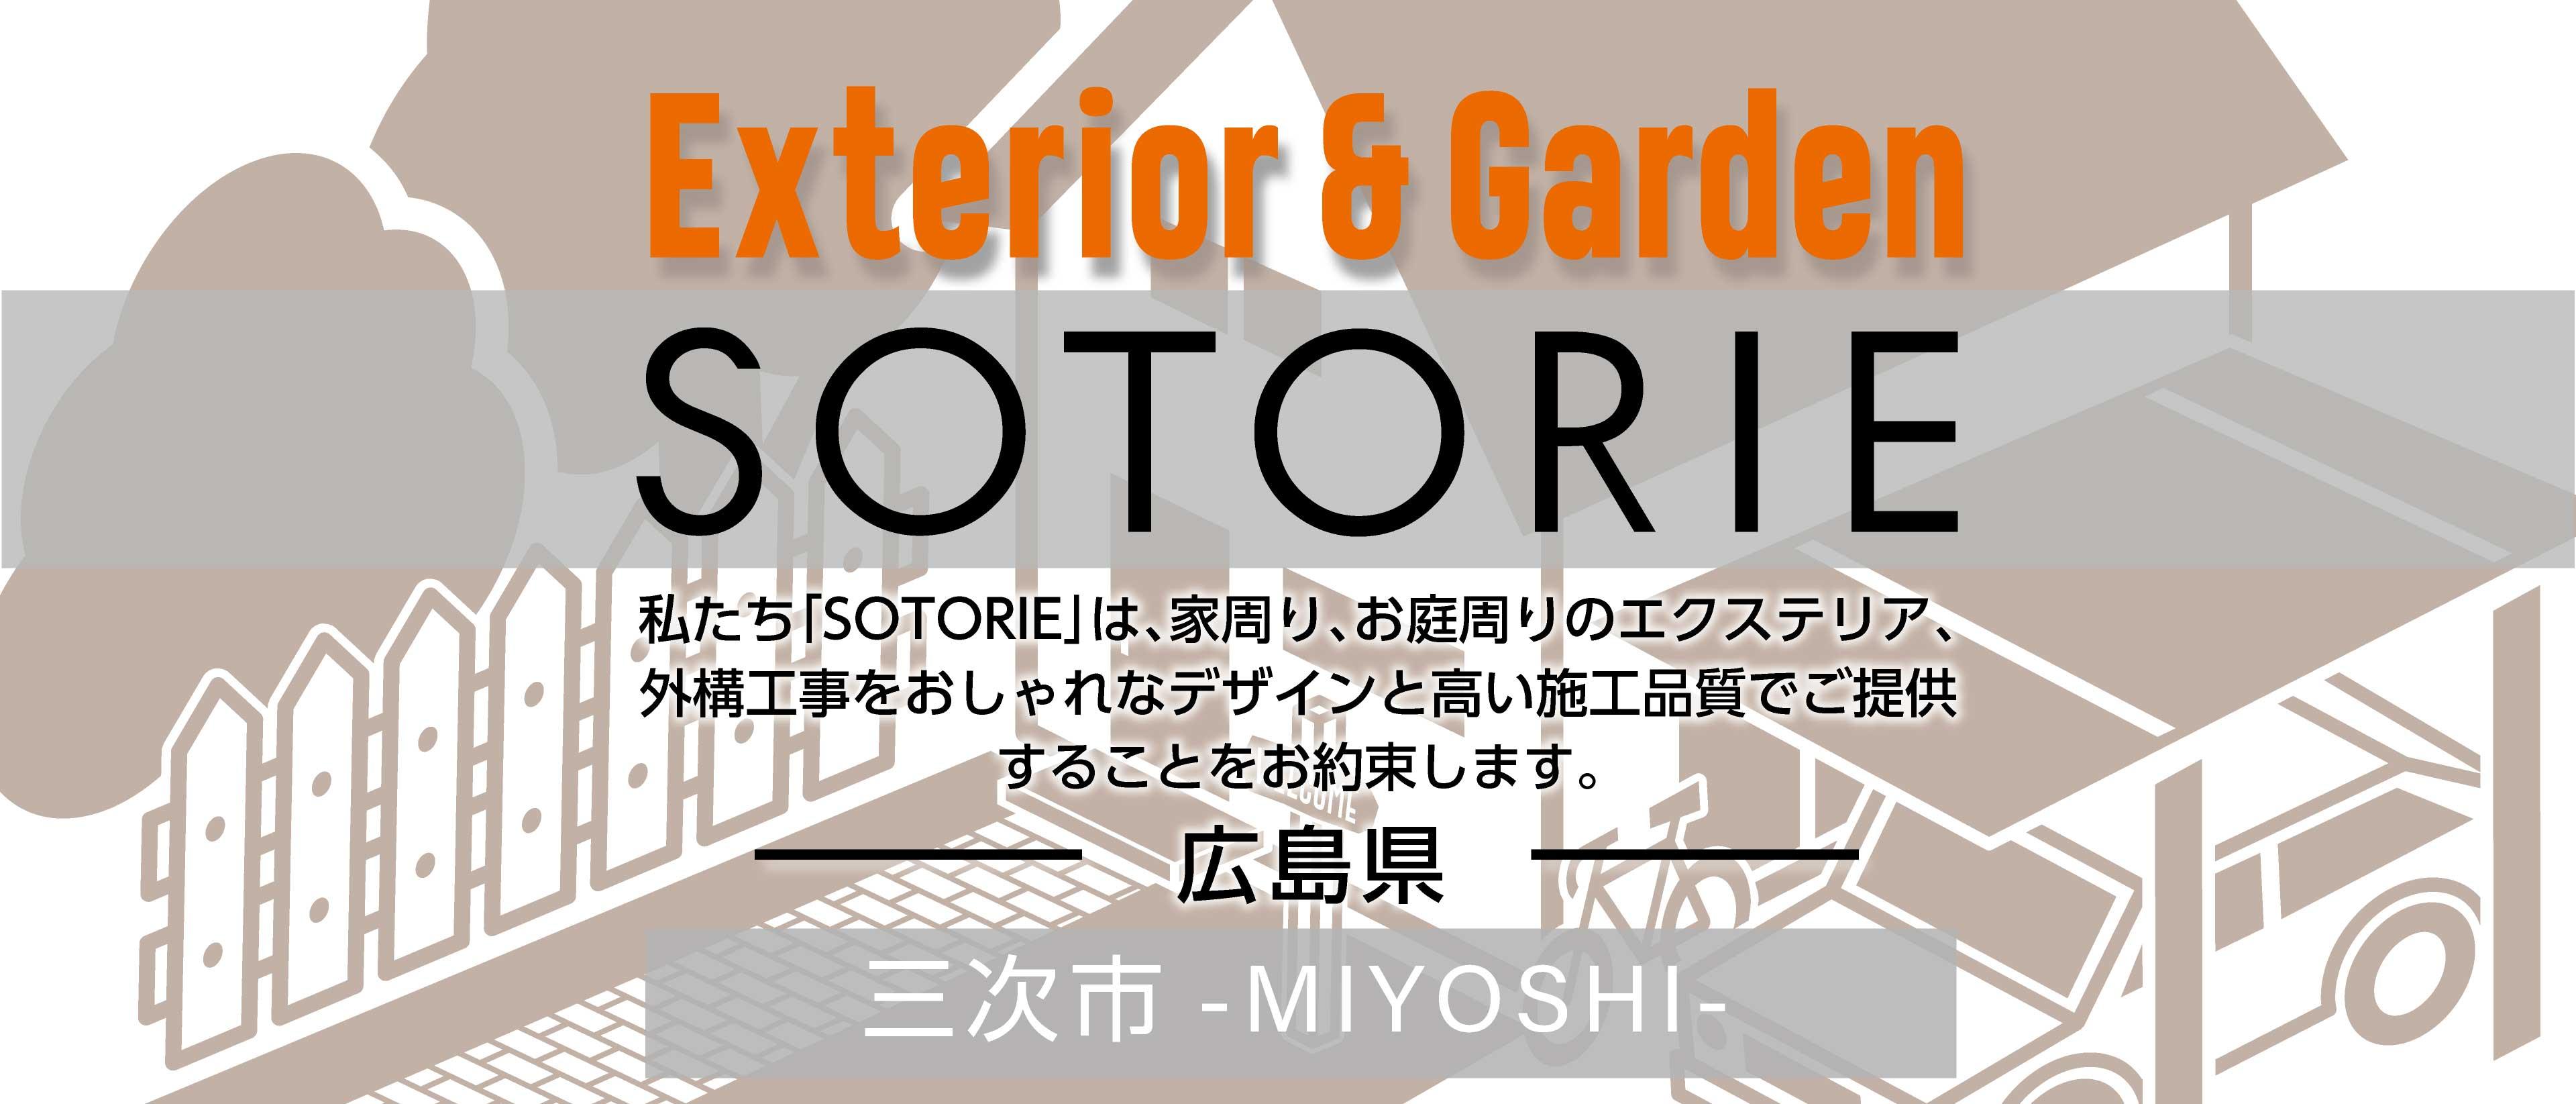 ソトリエ三次市では、家周りと庭周りの外構、エクステリア工事をおしゃれなデザインと高い施工品質でご提供することをお約束します。